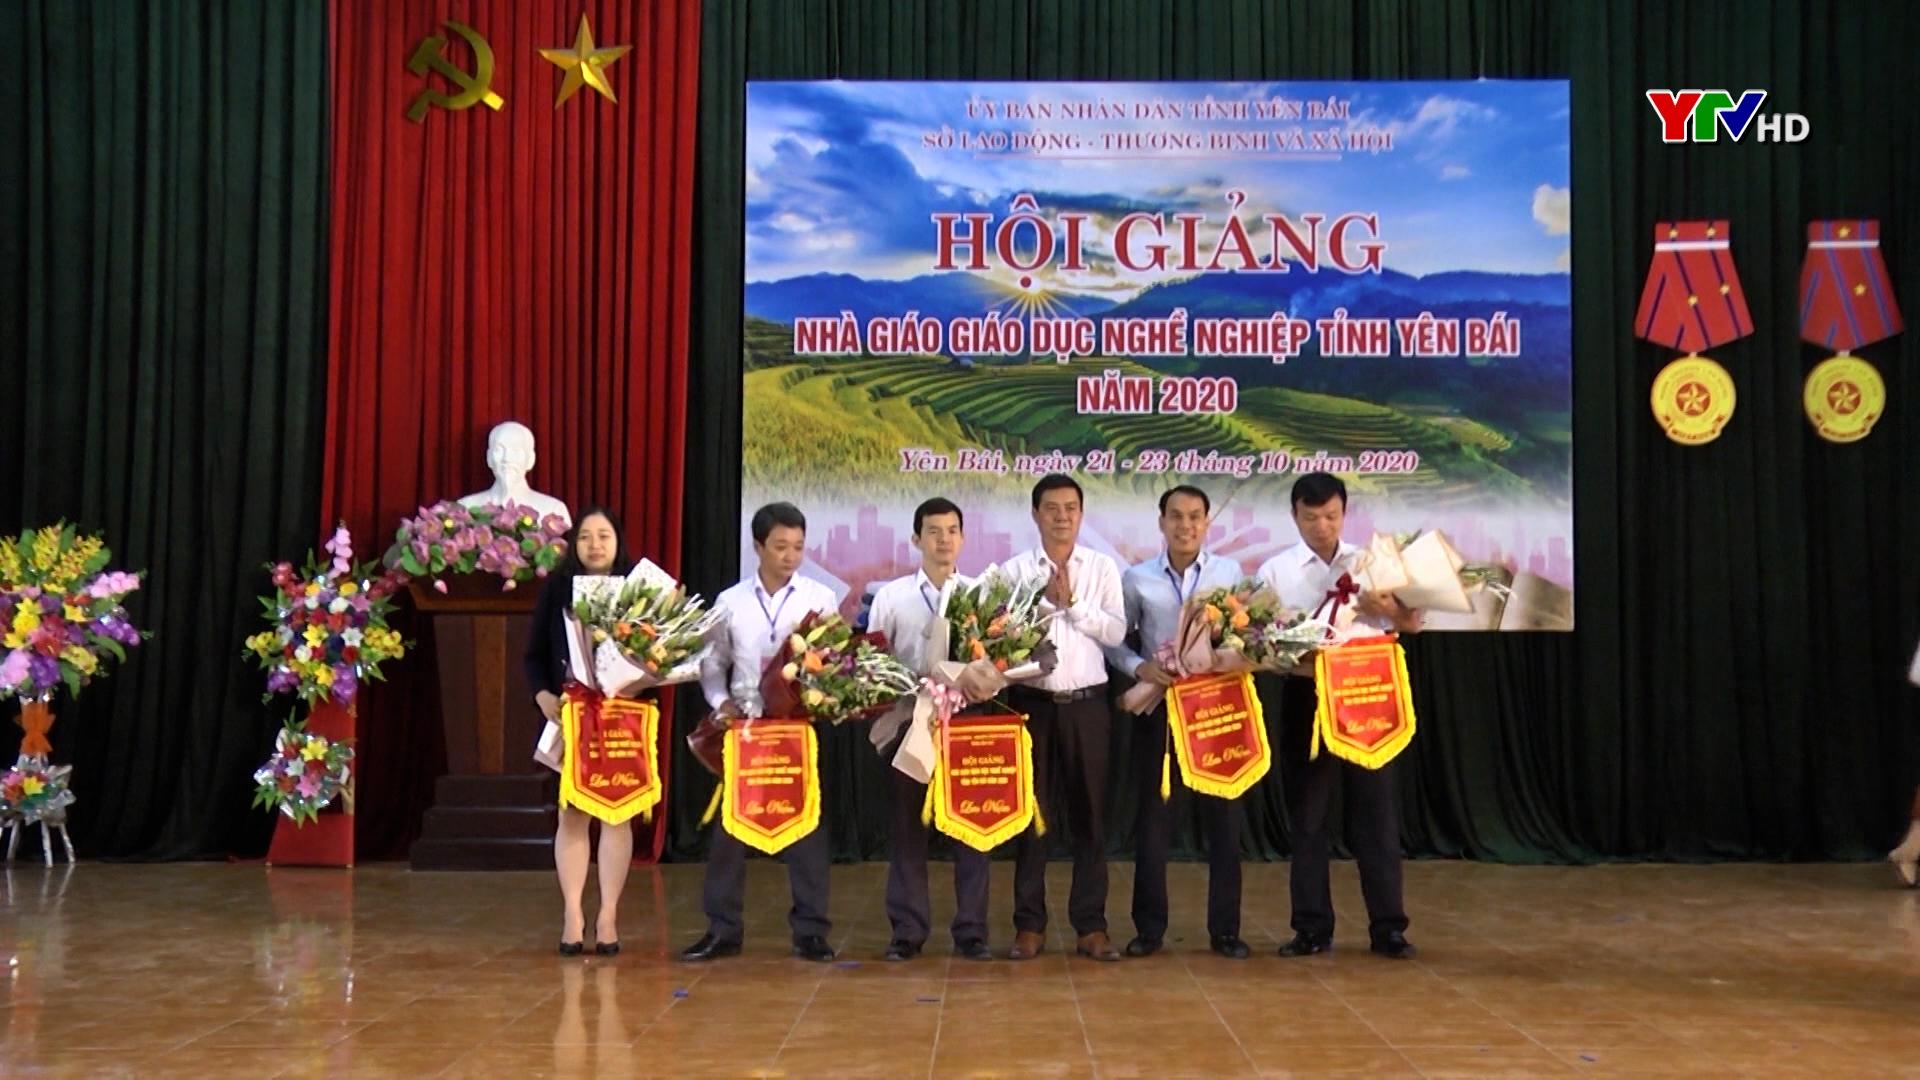 Hội giảng nhà giáo giáo dục nghề nghiệp tỉnh Yên Bái năm 2020